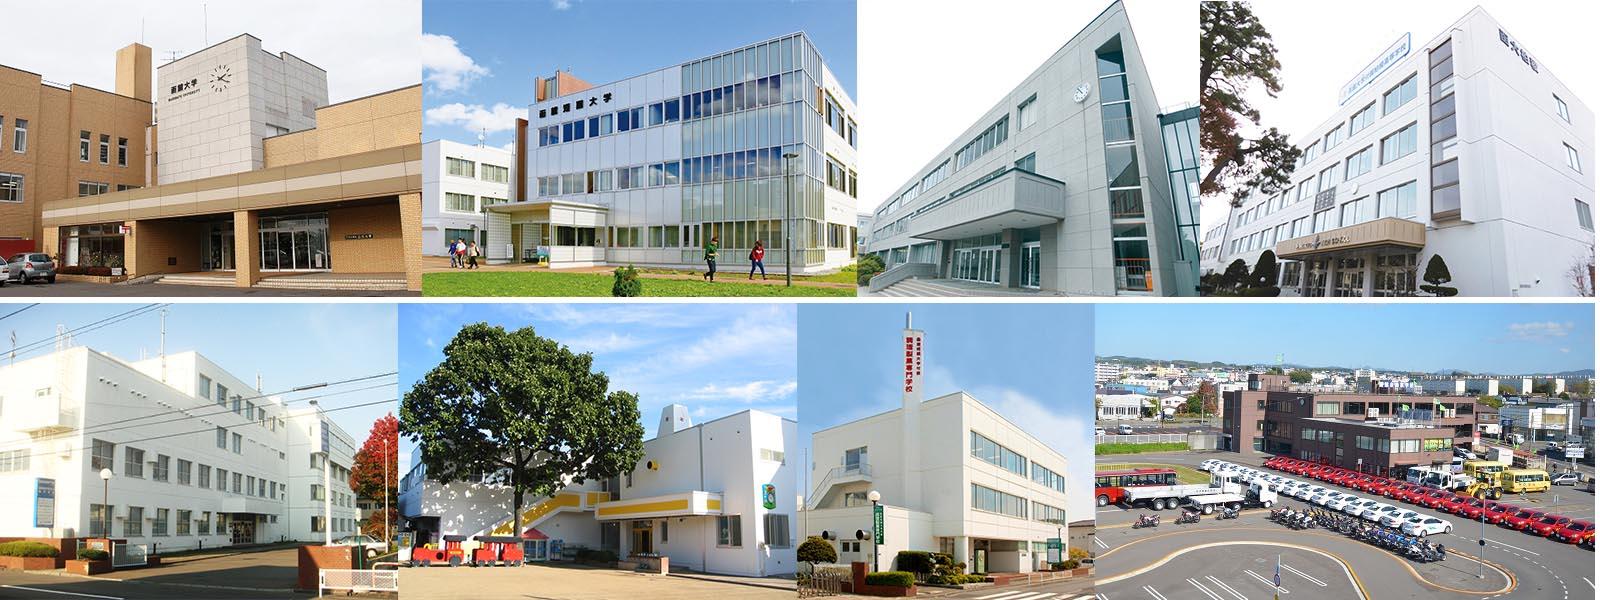 学校法人野又学園は、東北・北海道屈指の歴史と伝統を誇る総合学園